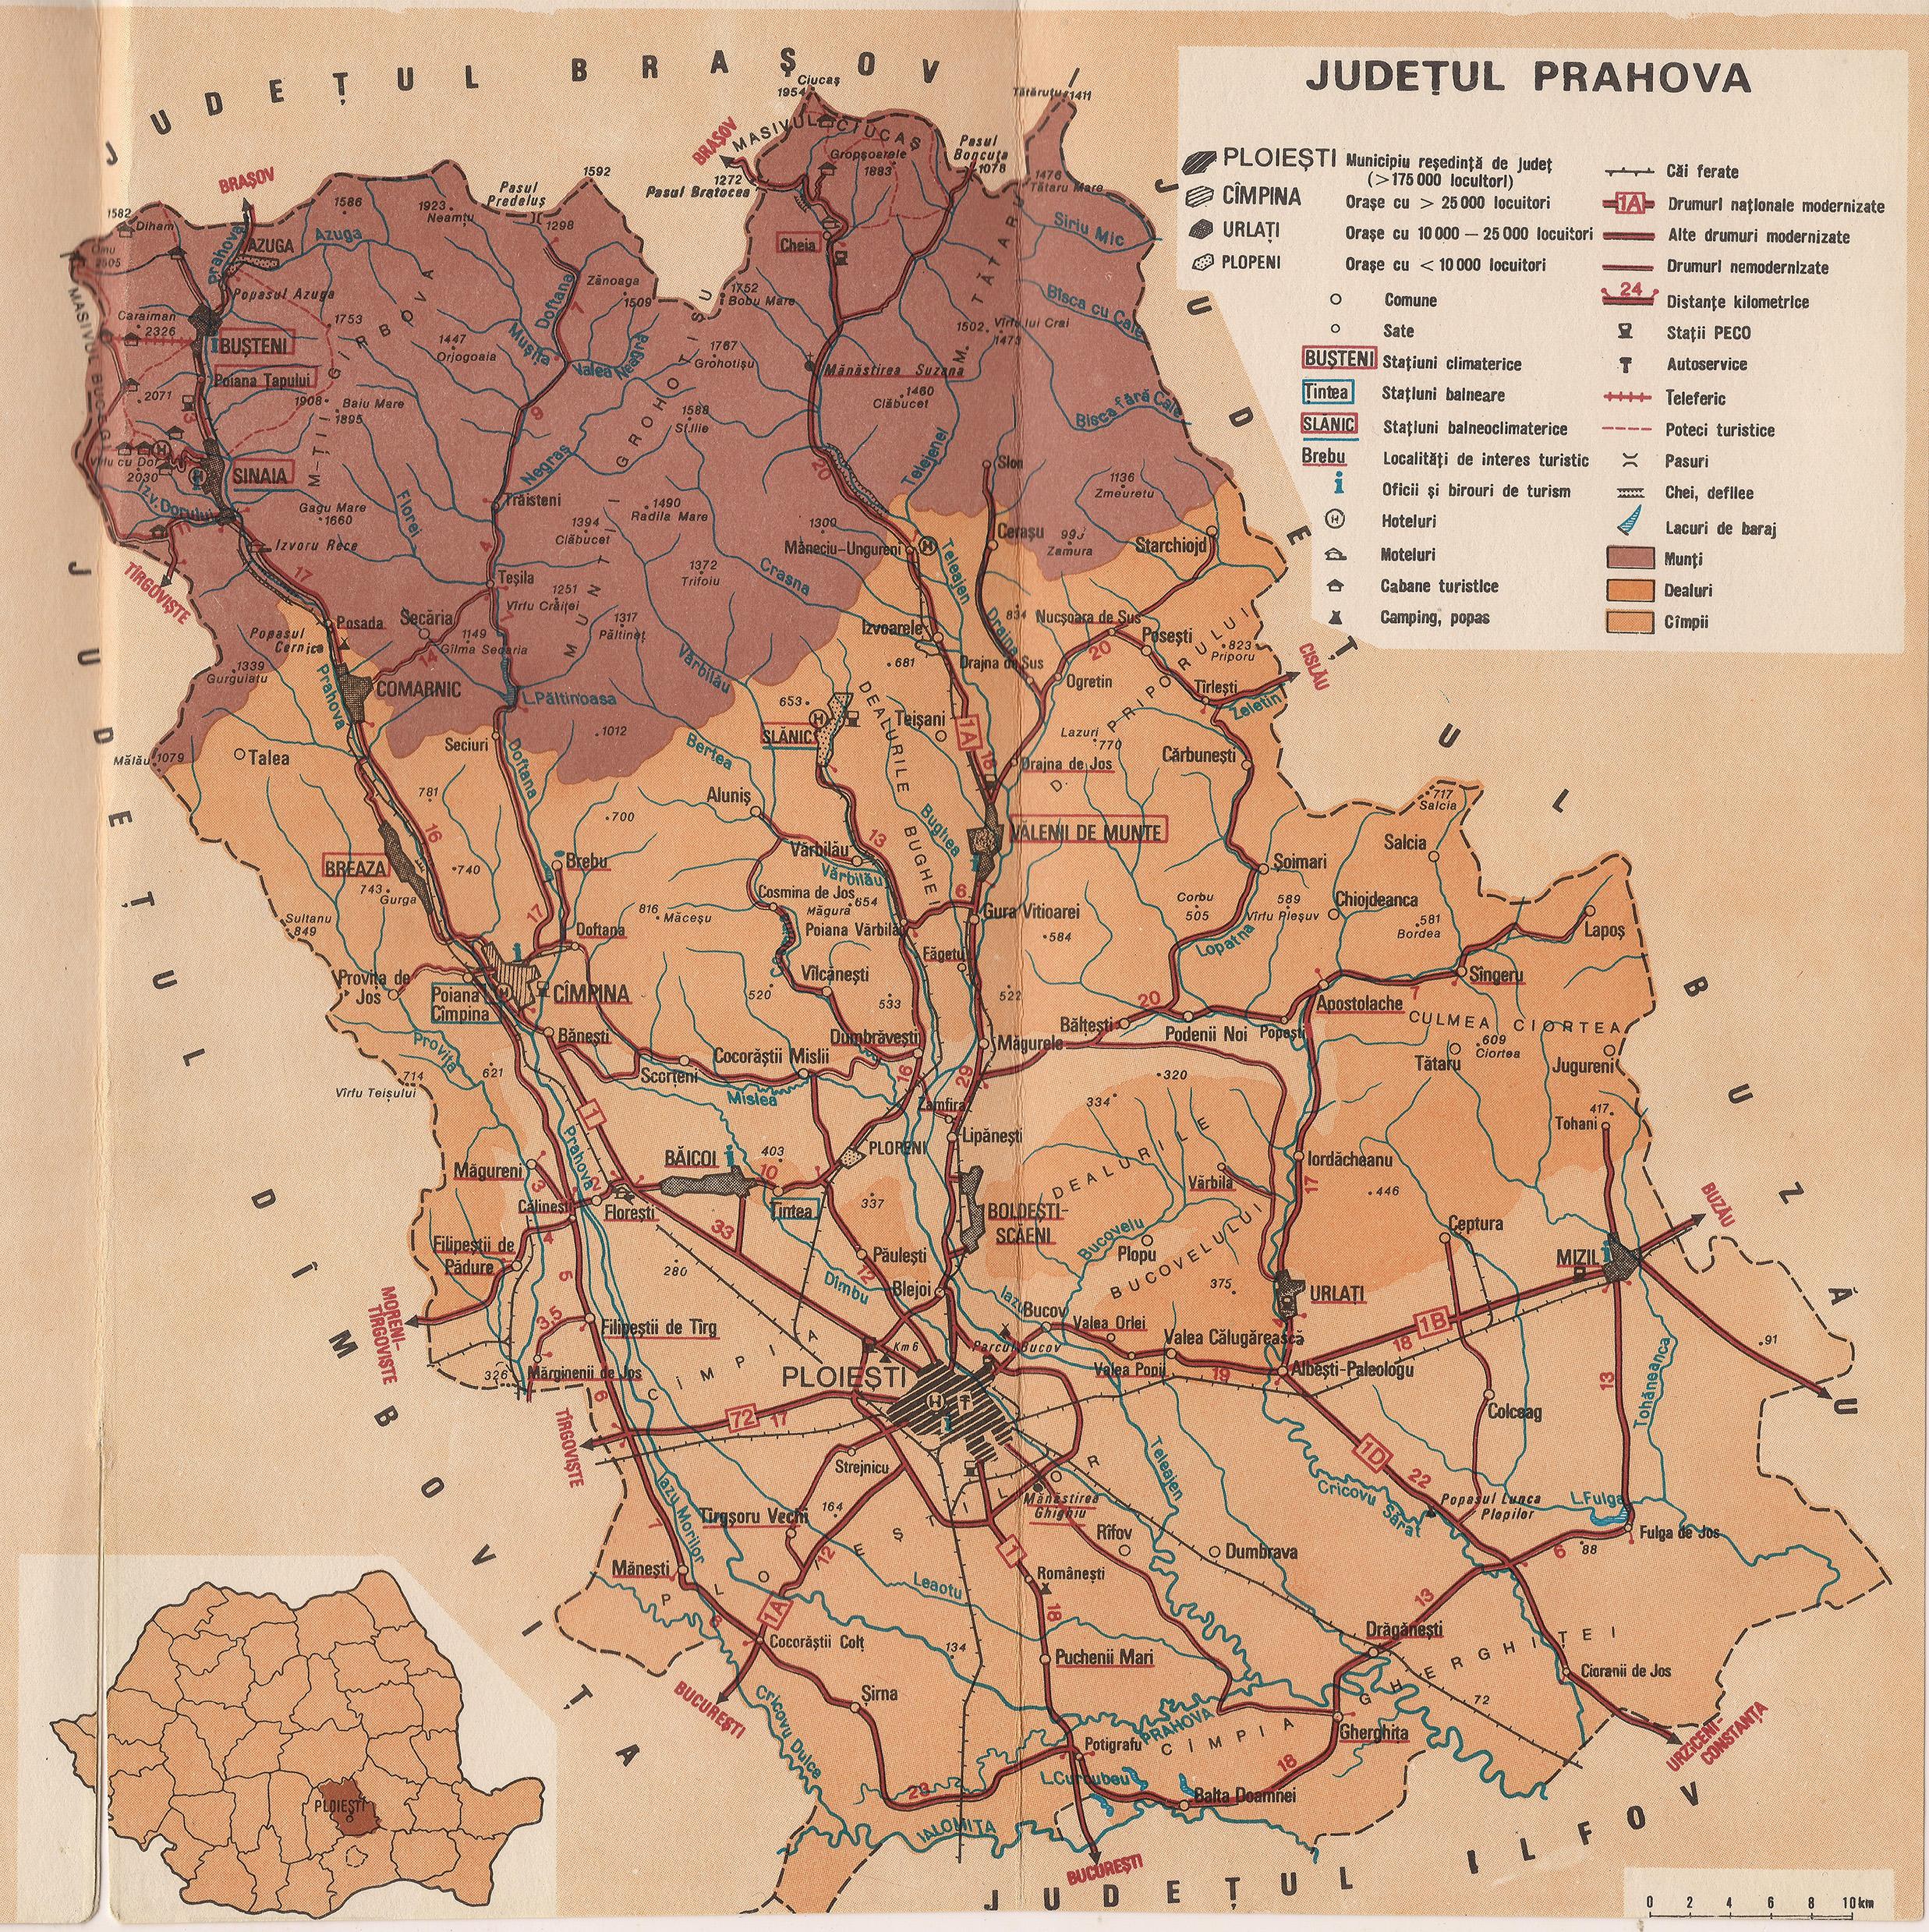 Scurta Prezentare Geografica A Judetului Prahova Peregrinprinlume